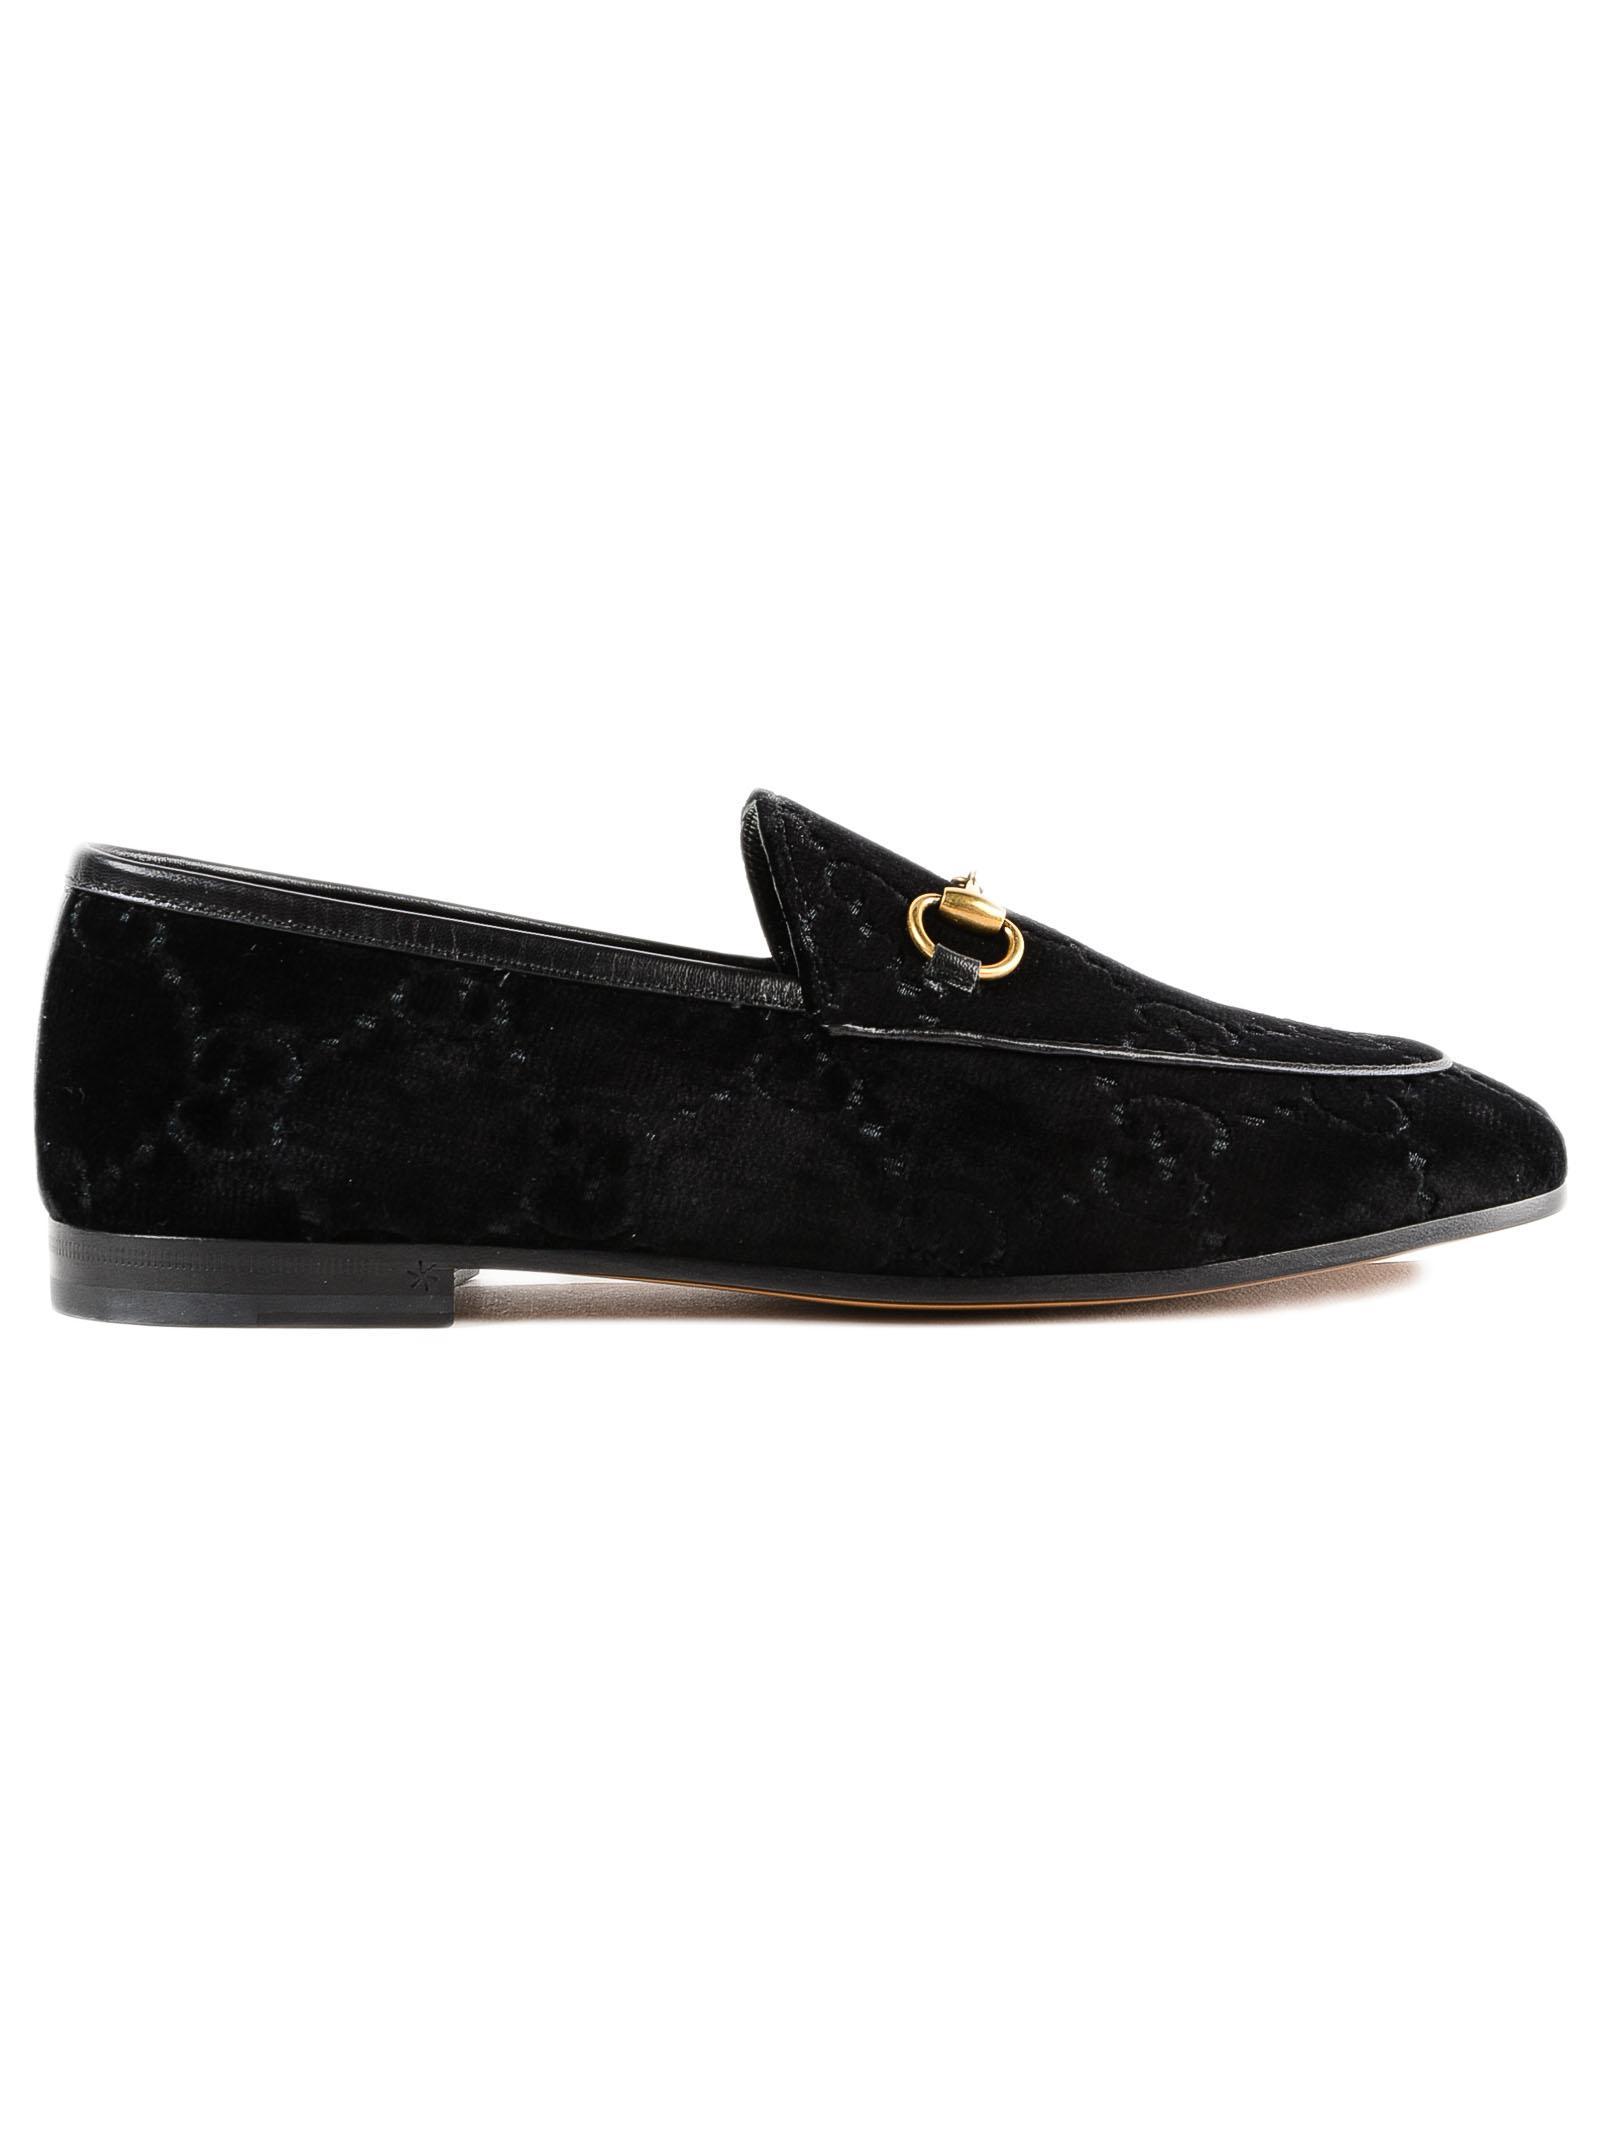 54f578f26ef Lyst - Gucci Jordaan Velvet Loafer in Black